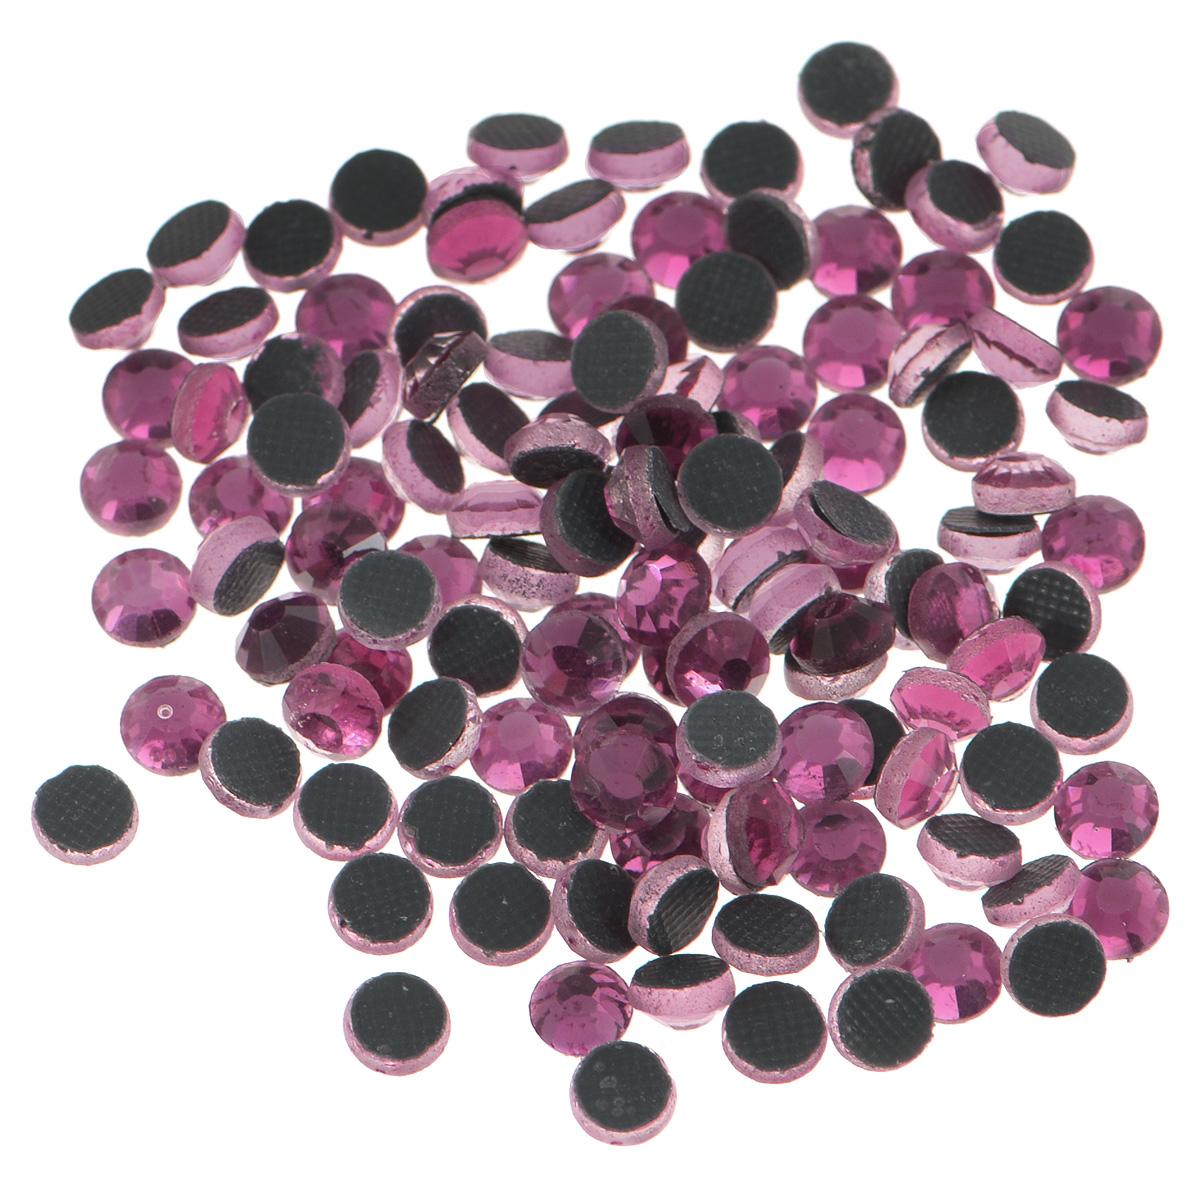 Стразы термоклеевые Cristal, цвет: розовый (209), диаметр 4 мм, 144 штRSP-202SНабор термоклеевых страз Cristal, изготовленный из высококачественного акрила, позволит вам украсить одежду, аксессуары или текстиль. Яркие стразы имеют плоское дно и круглую поверхность с гранями.Дно термоклеевых страз уже обработано особым клеем, который под воздействием высоких температур начинает плавиться, приклеиваясь, таким образом, к требуемой поверхности. Чаще всего их используют в текстильной промышленности: стразы прикладывают к ткани и проглаживают утюгом с обратной стороны. Также можно использовать специальный паяльник. Украшение стразами поможет сделать любую вещь оригинальной и неповторимой. Диаметр стразы: 4 мм.